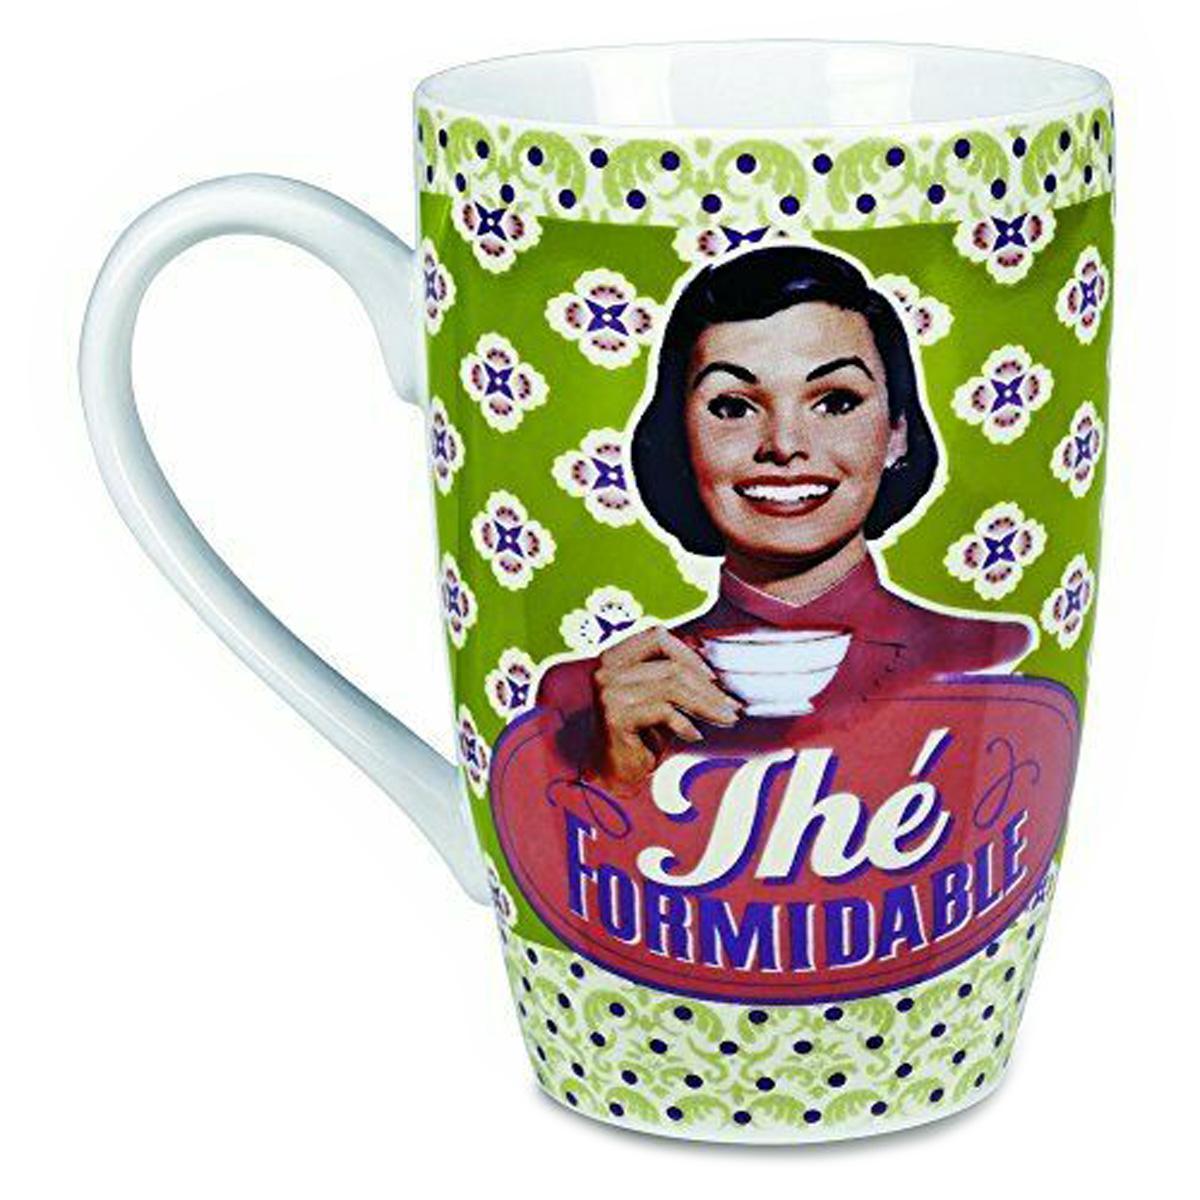 Grand mug porcelaine \'French Vintage\' (Thé Formidable) - 13x85 cm (46cl) - [Q7149]